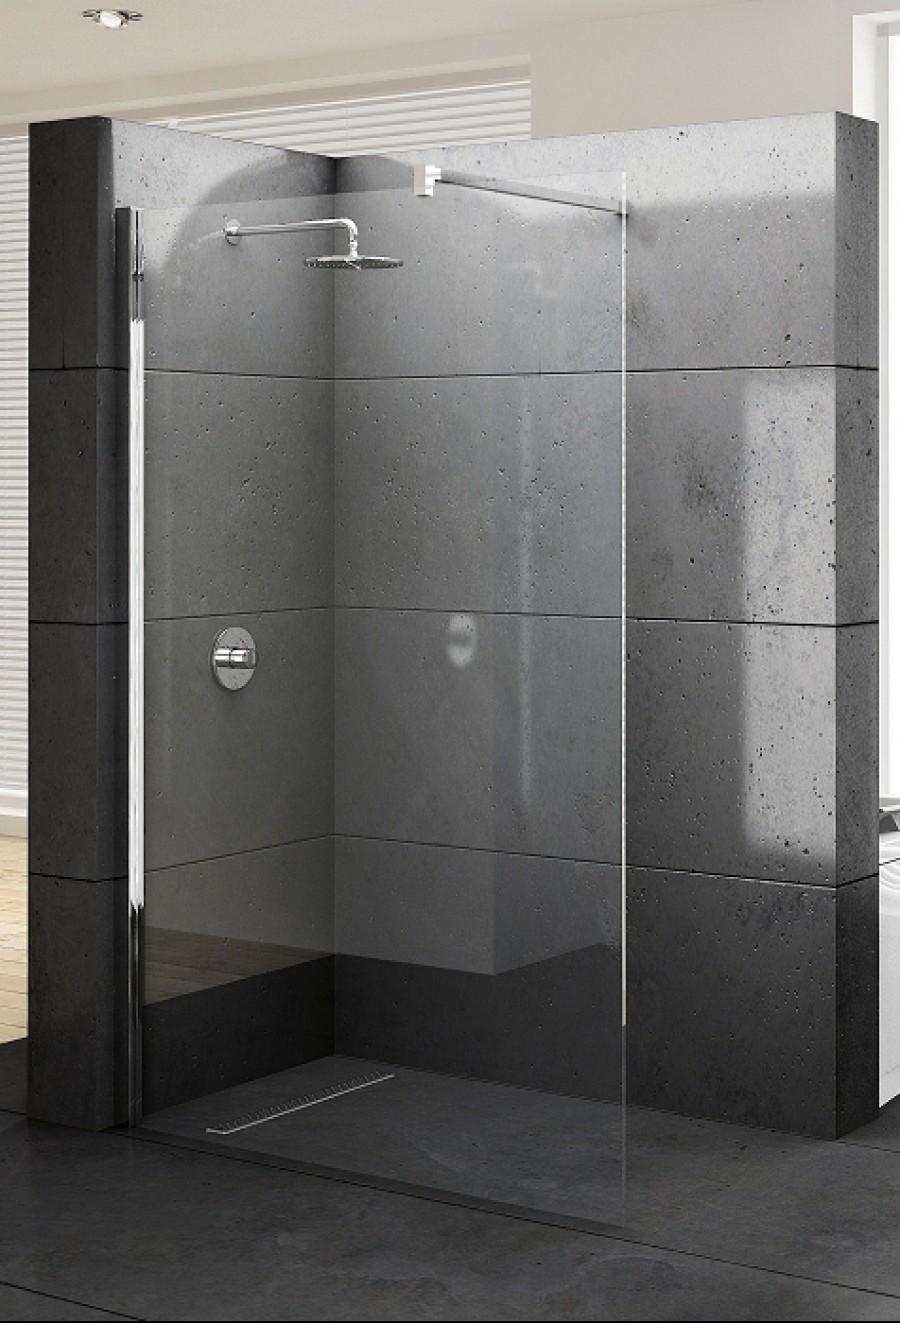 paroi de douche fixe kuadra h 140 meuble de salle de bain douche. Black Bedroom Furniture Sets. Home Design Ideas